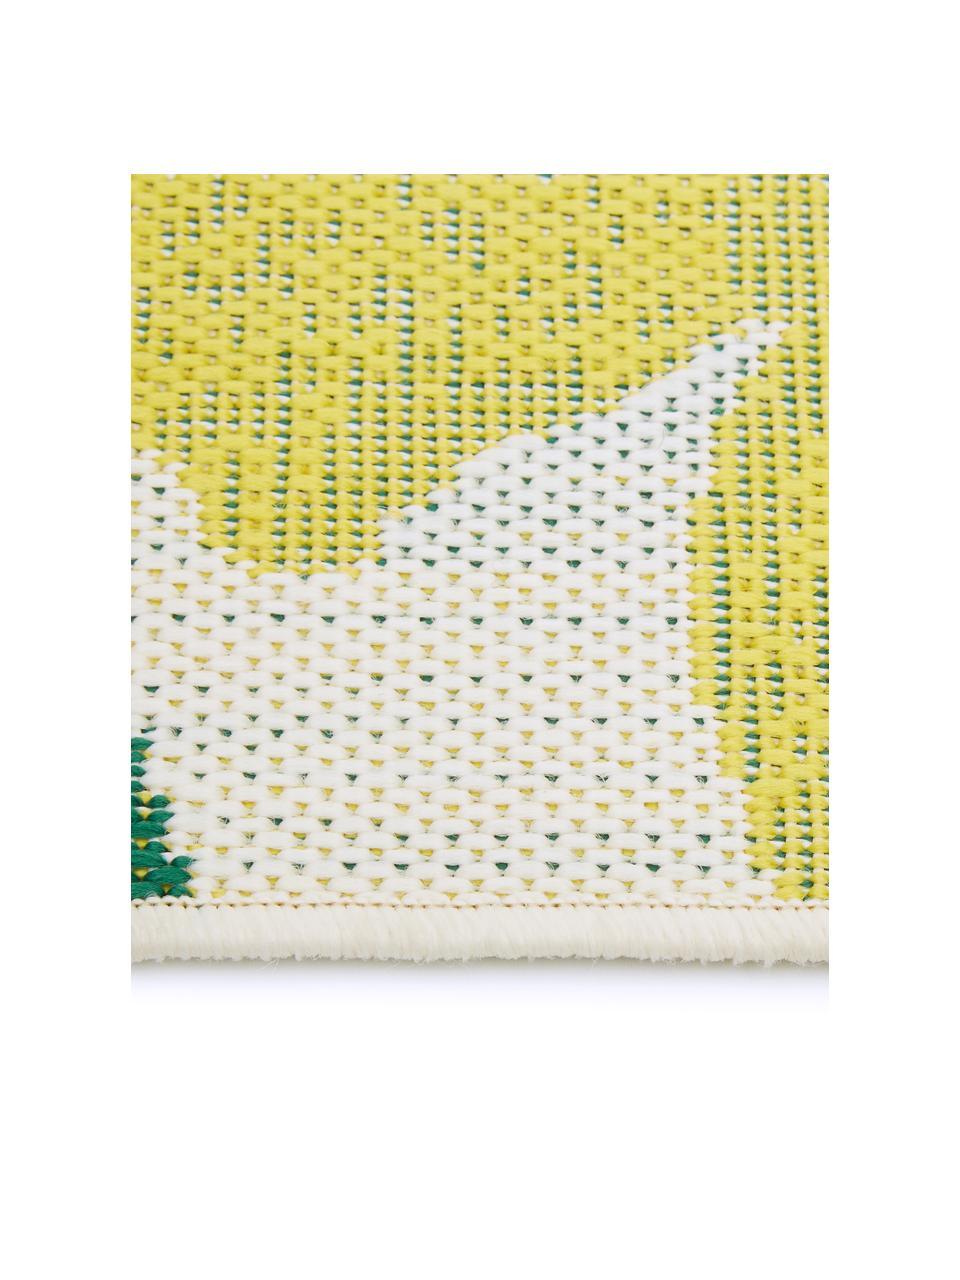 Dywan wewnętrzny/zewnętrzny Limonia, 86% polipropylen, 14% poliester, Kremowobiały, żółty, zielony, S 200 x D 290 cm (Rozmiar L)